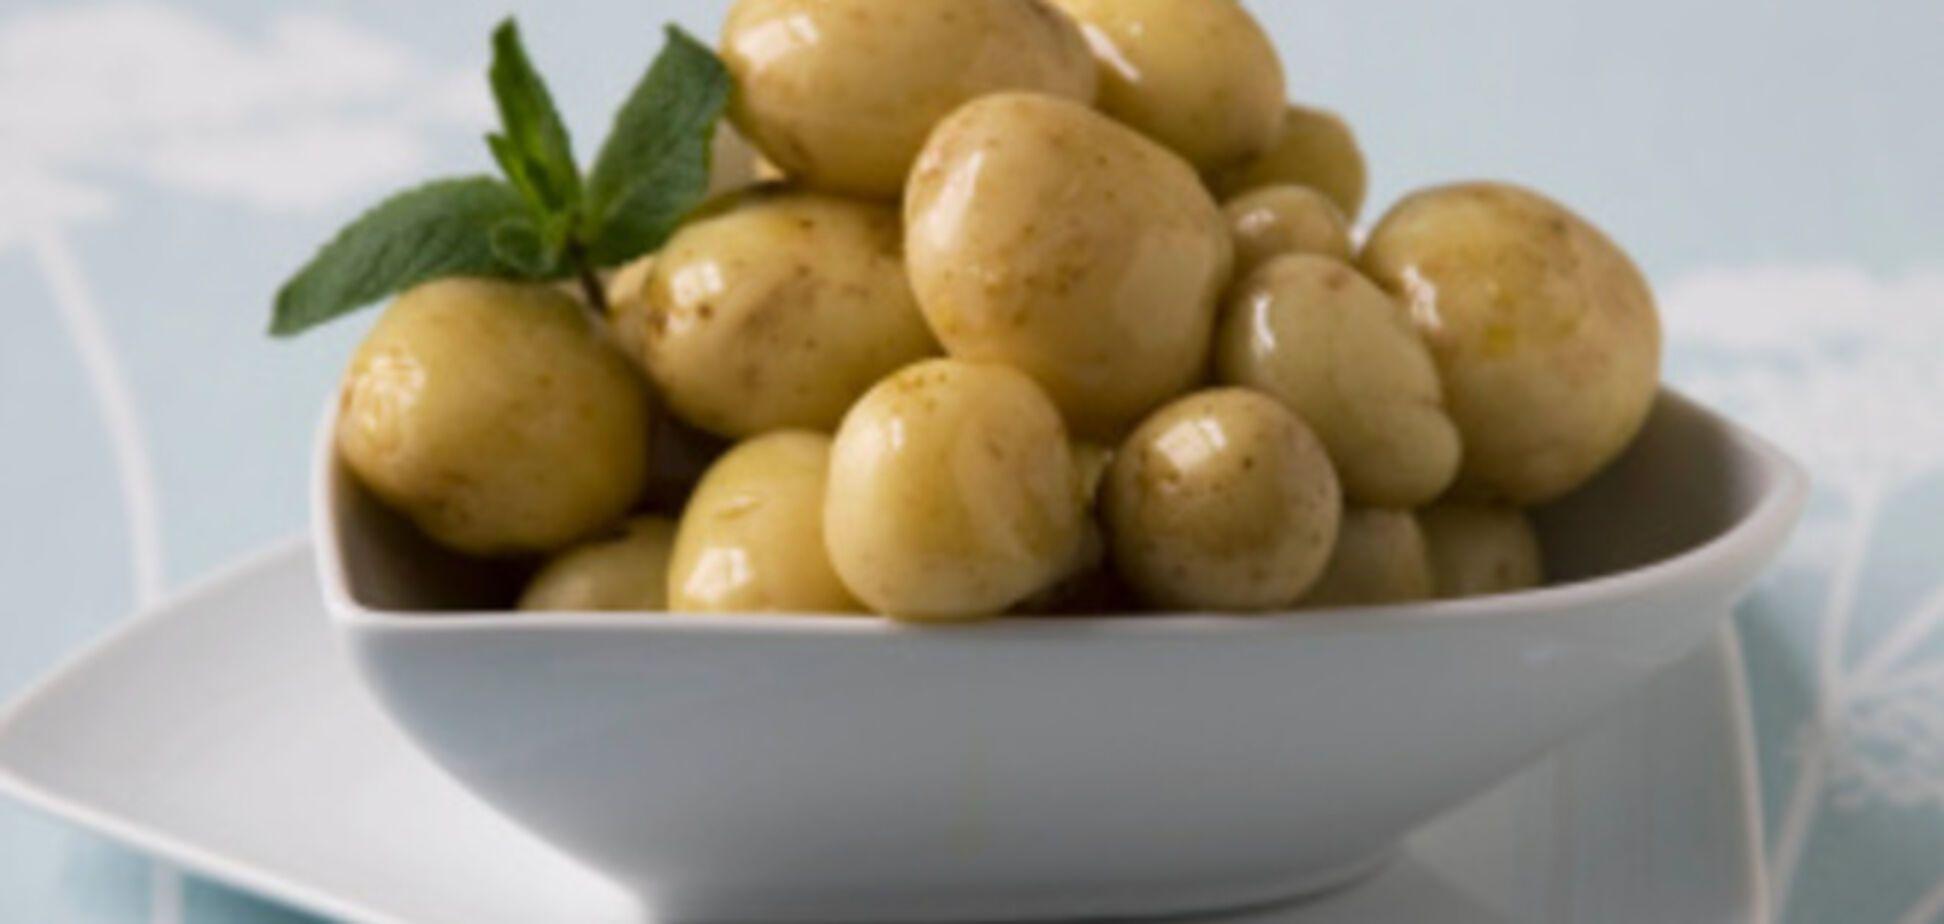 Картошку всегда нужно есть с кожурой - эксперт